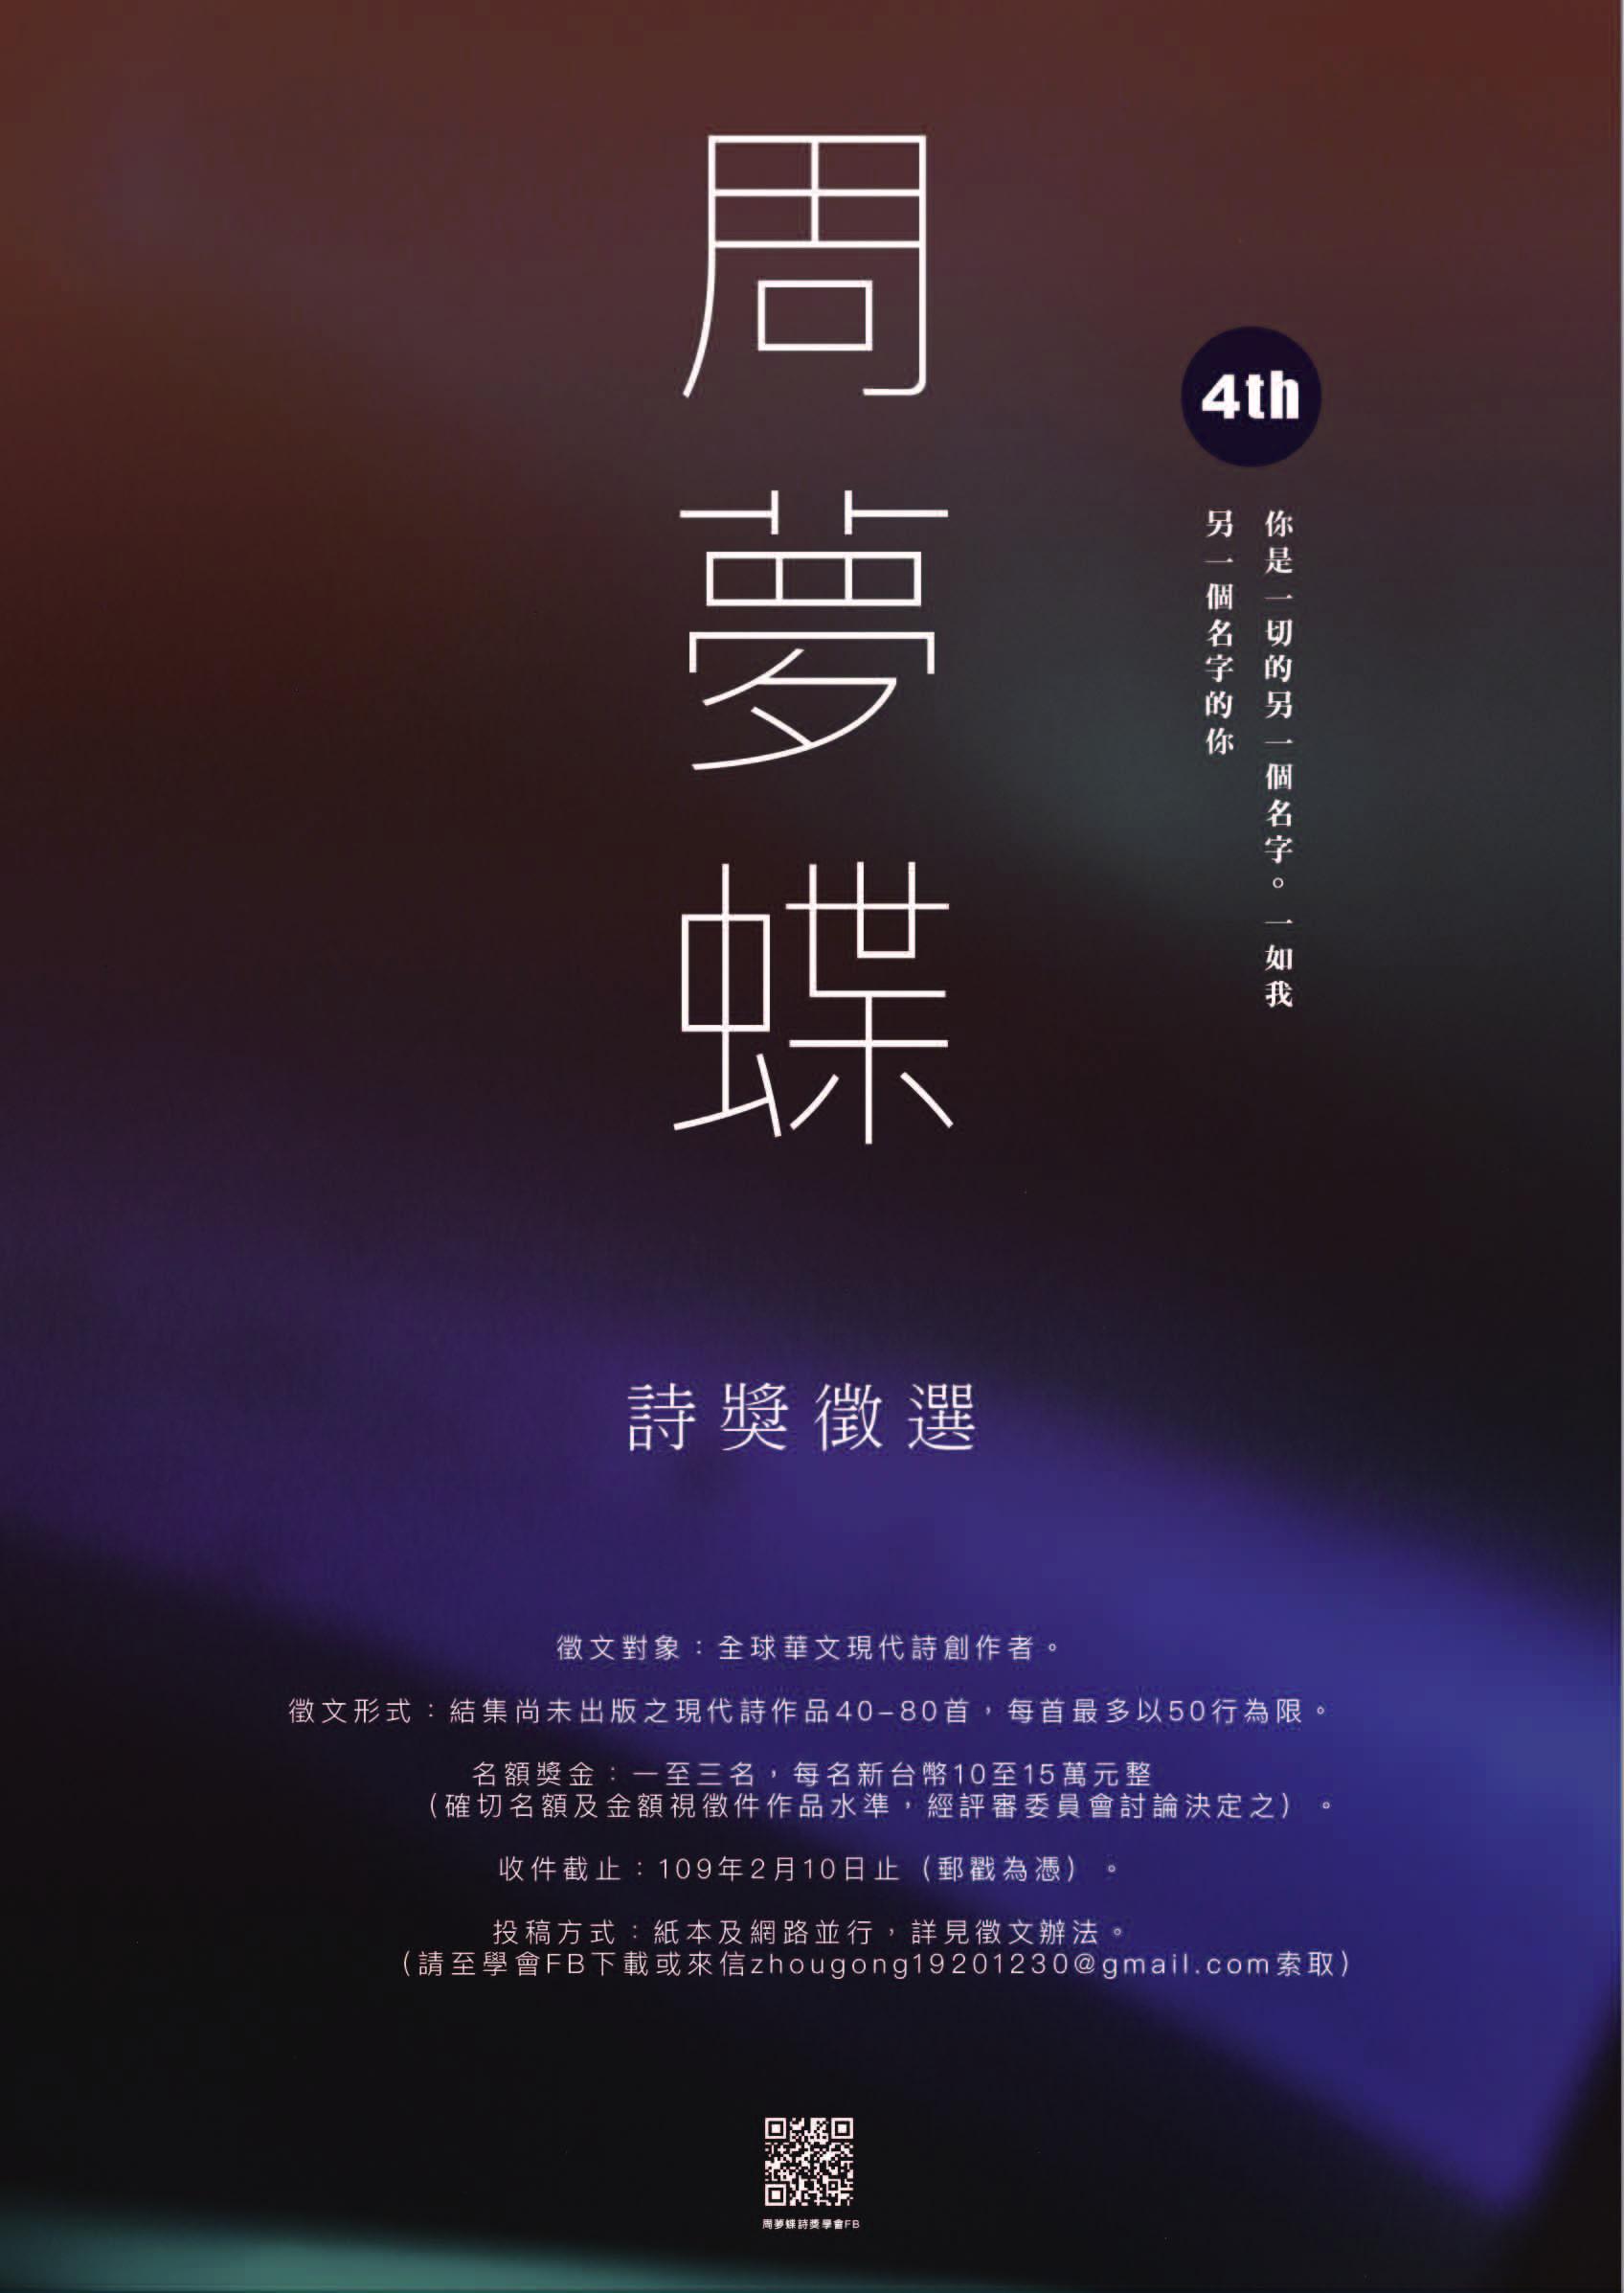 第四屆周夢蝶詩獎開始徵件